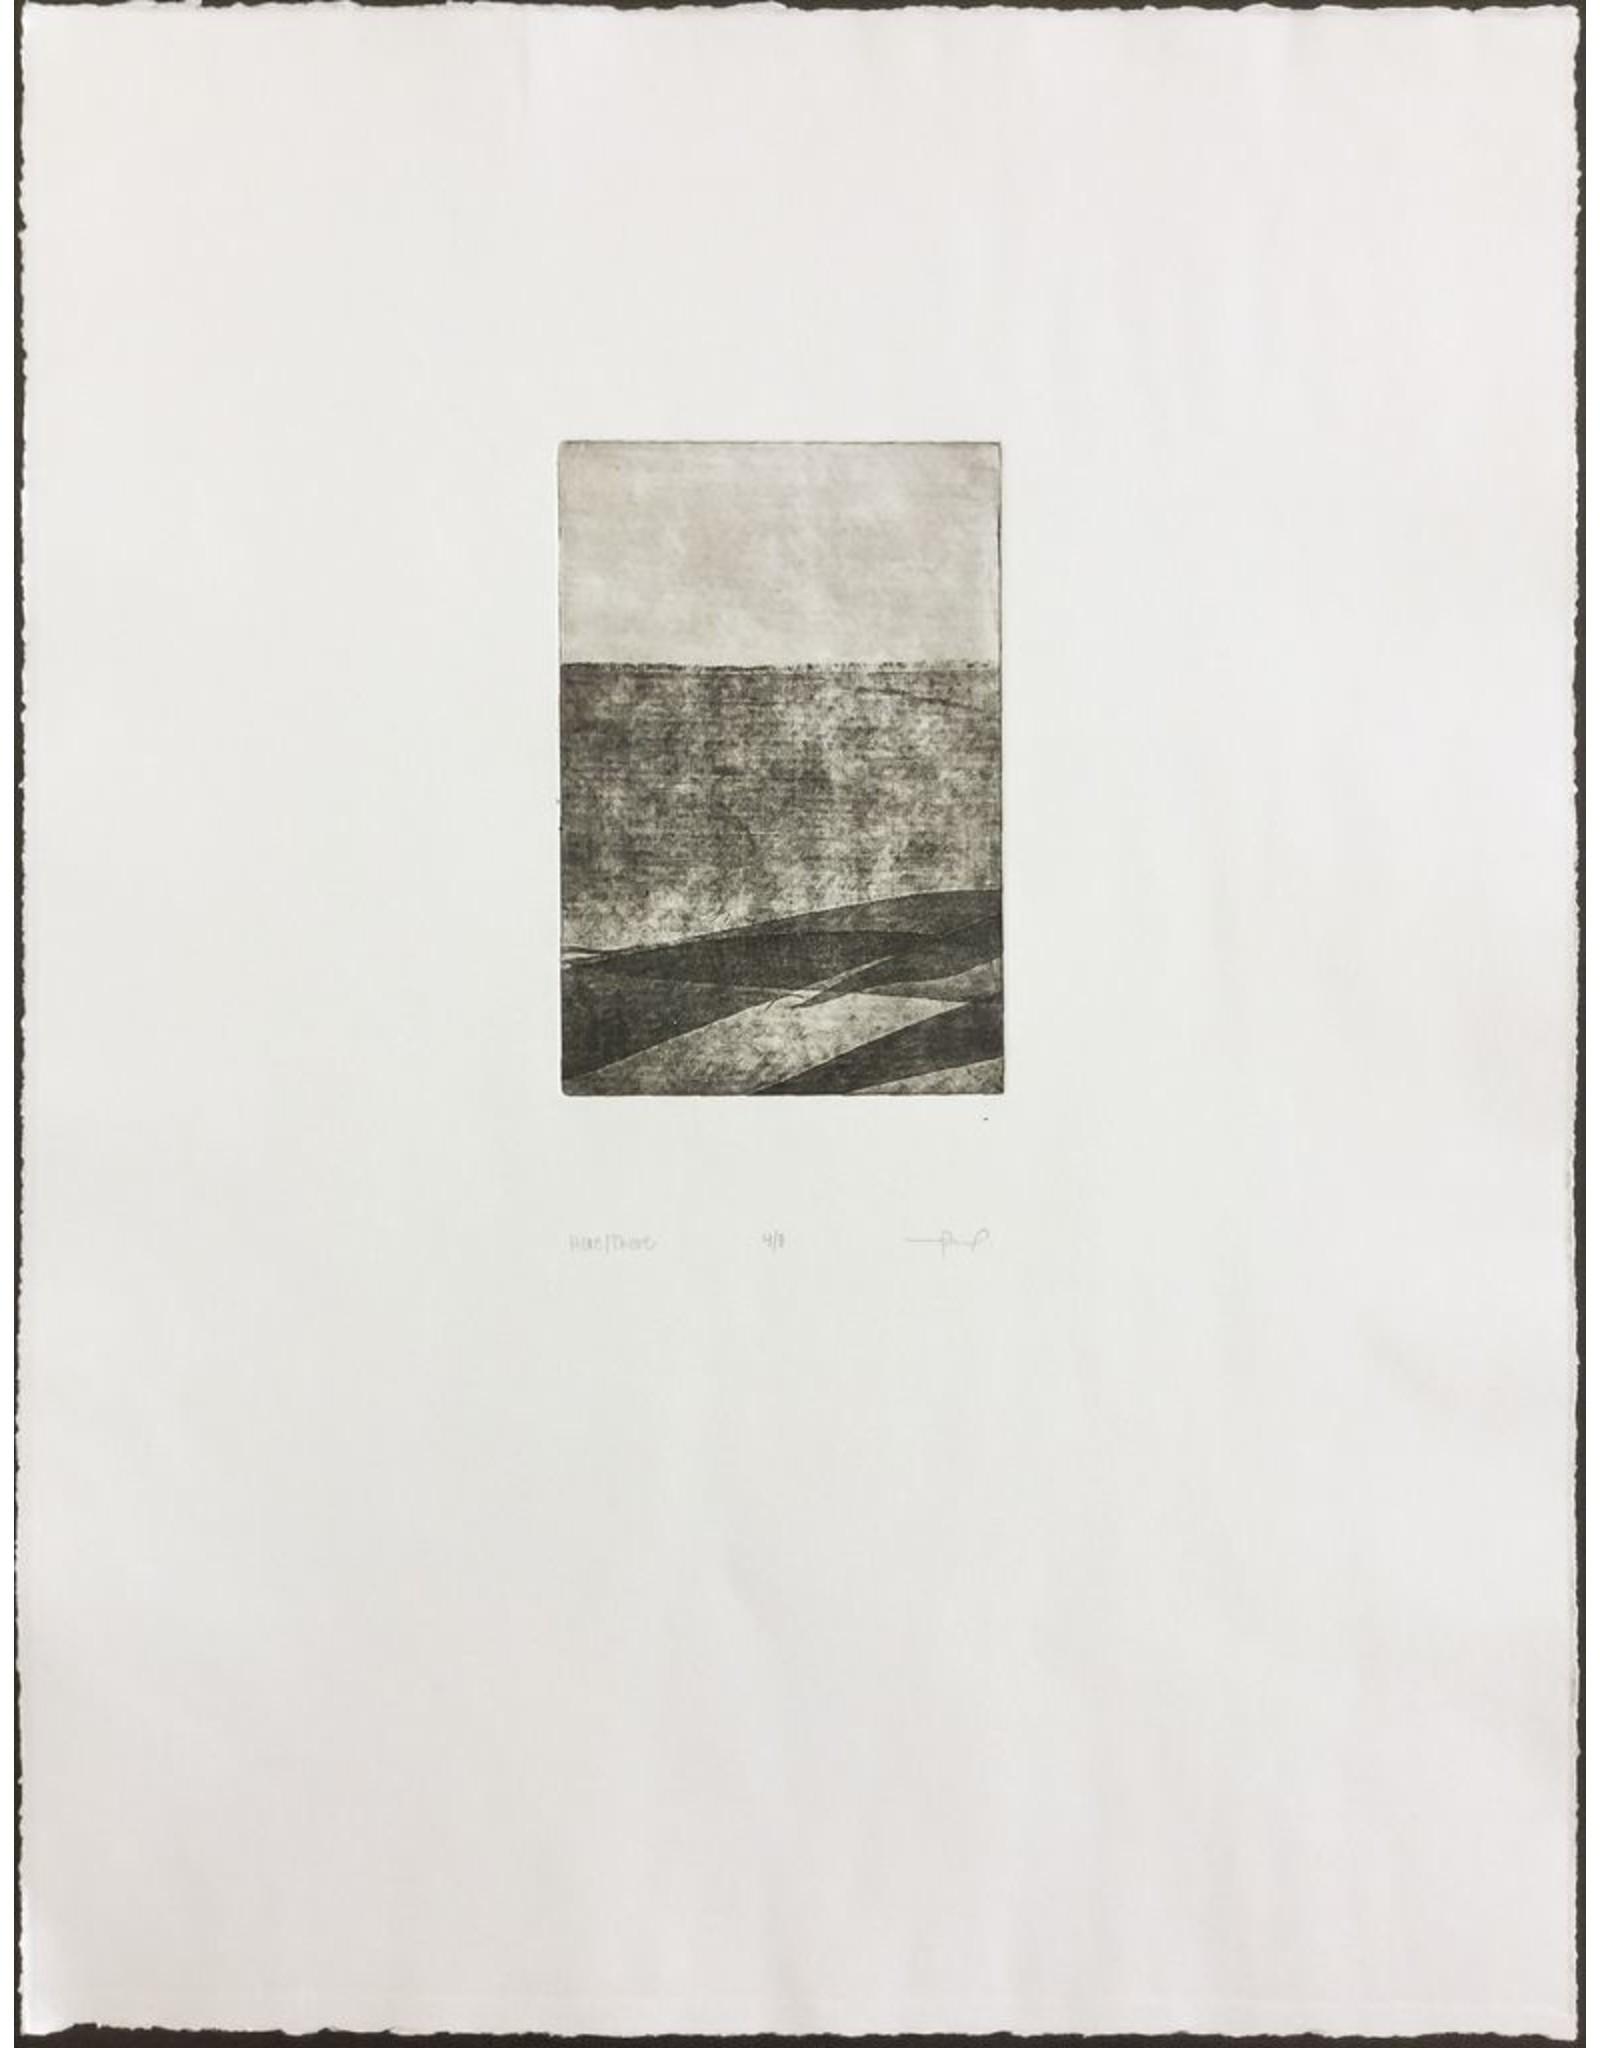 Carella Arfinengo, Francesca Here/There V